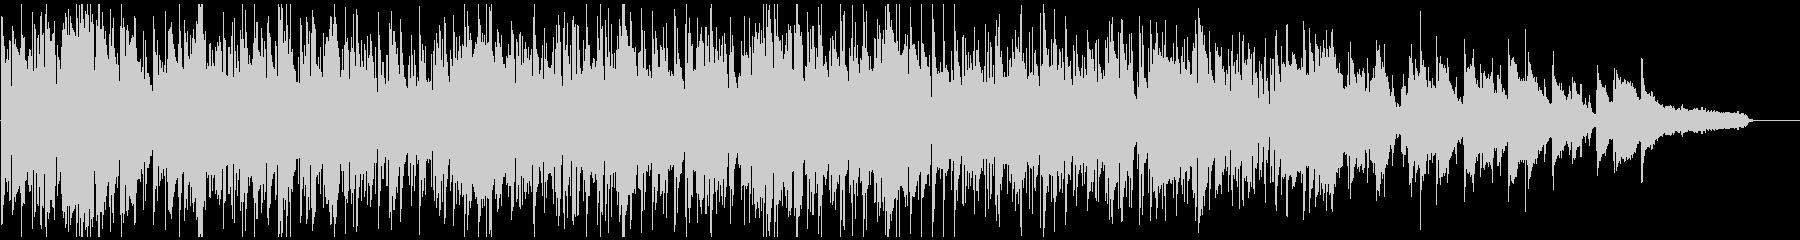 フレッシュなボサノバ・ジャズ、軽快テンポの未再生の波形